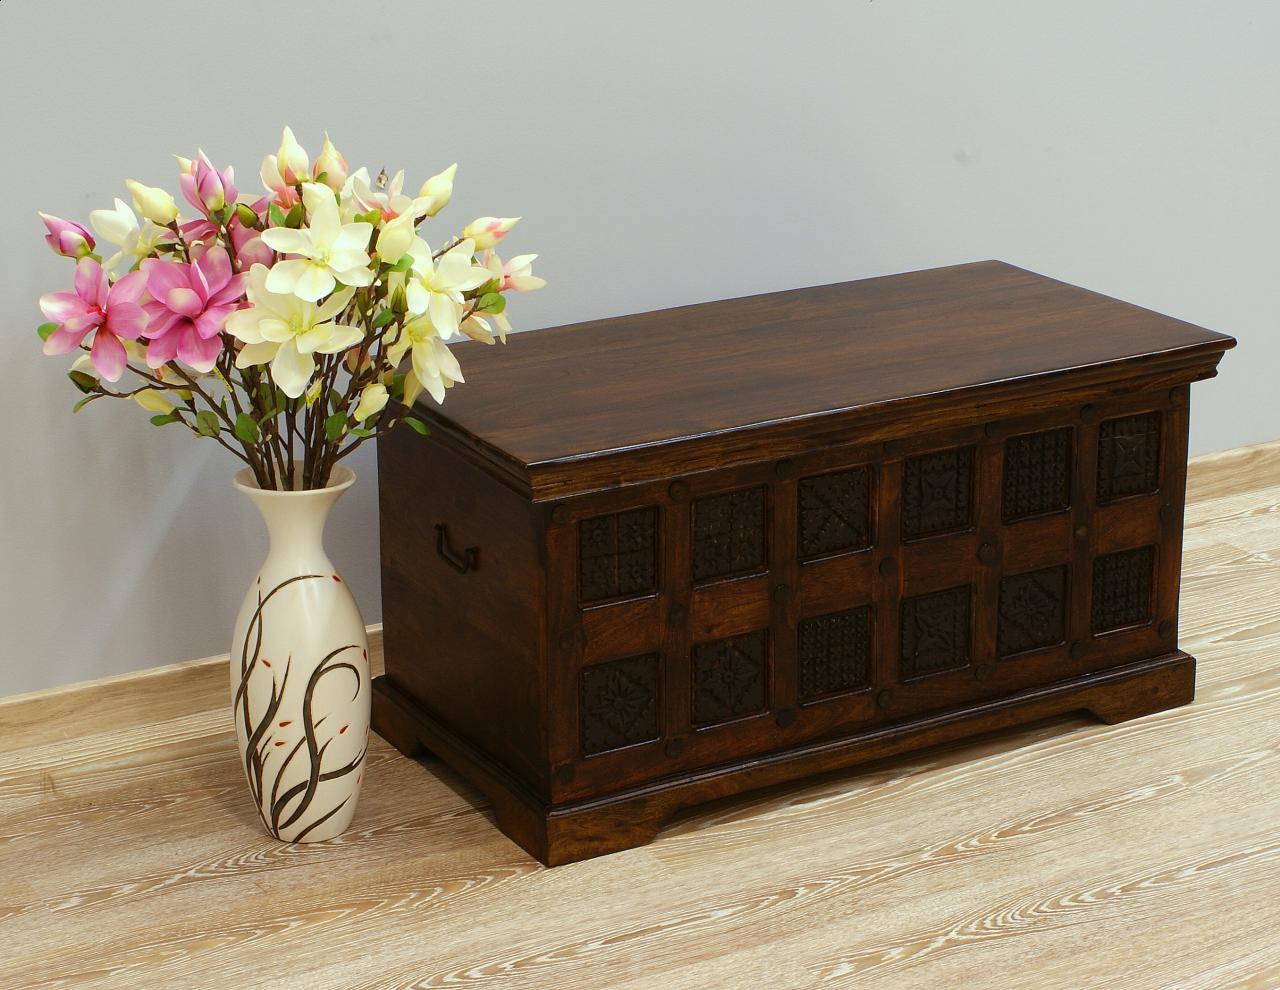 Kufer kolonialny lite drewno akacja indyjska ręcznie rzeźbiony mały